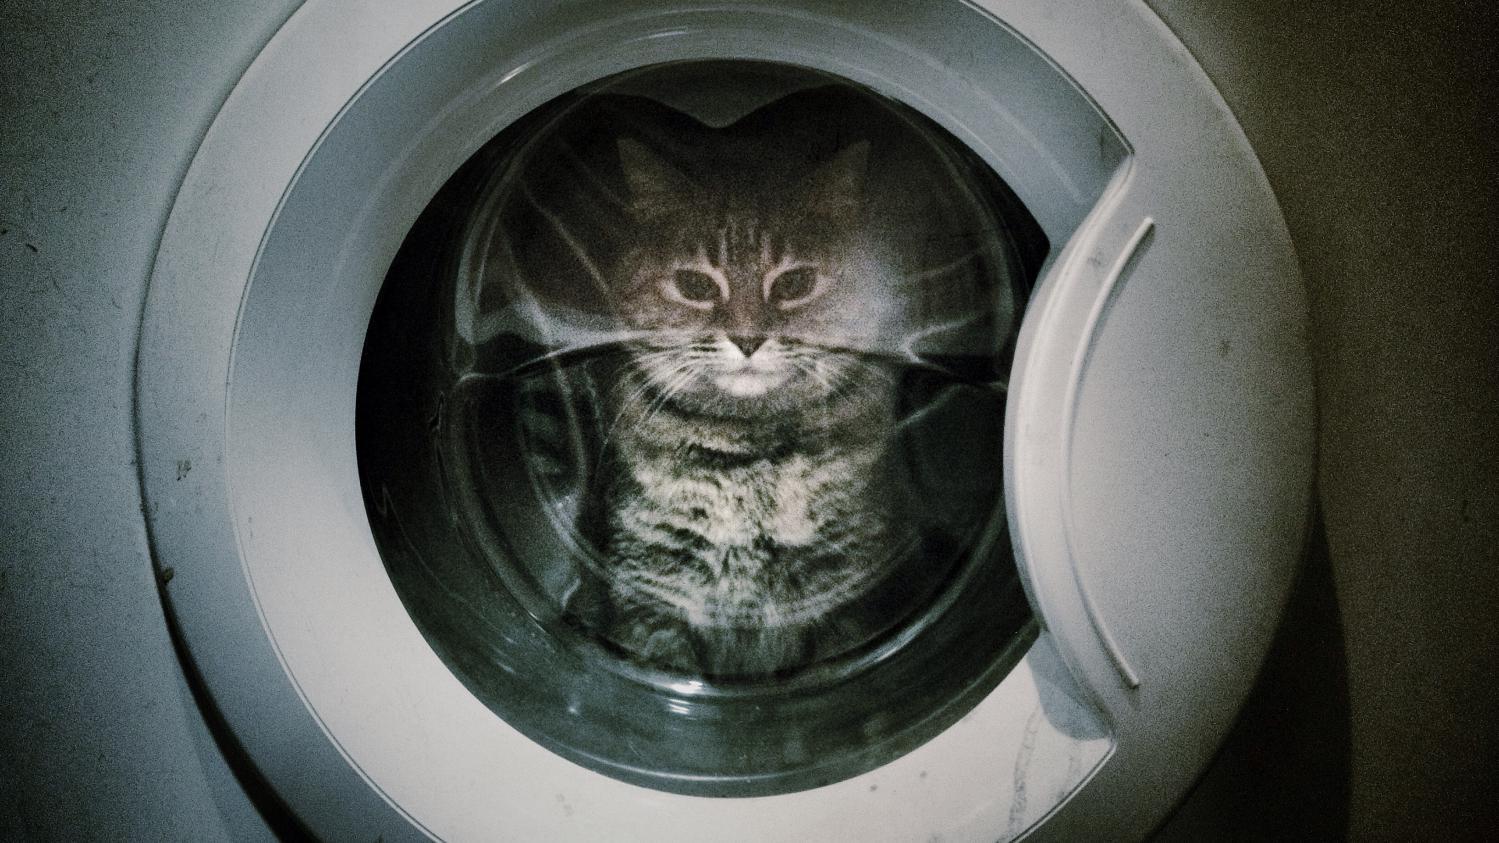 Un chat survit deux heures de lavage la machine - Heures creuses machine a laver ...